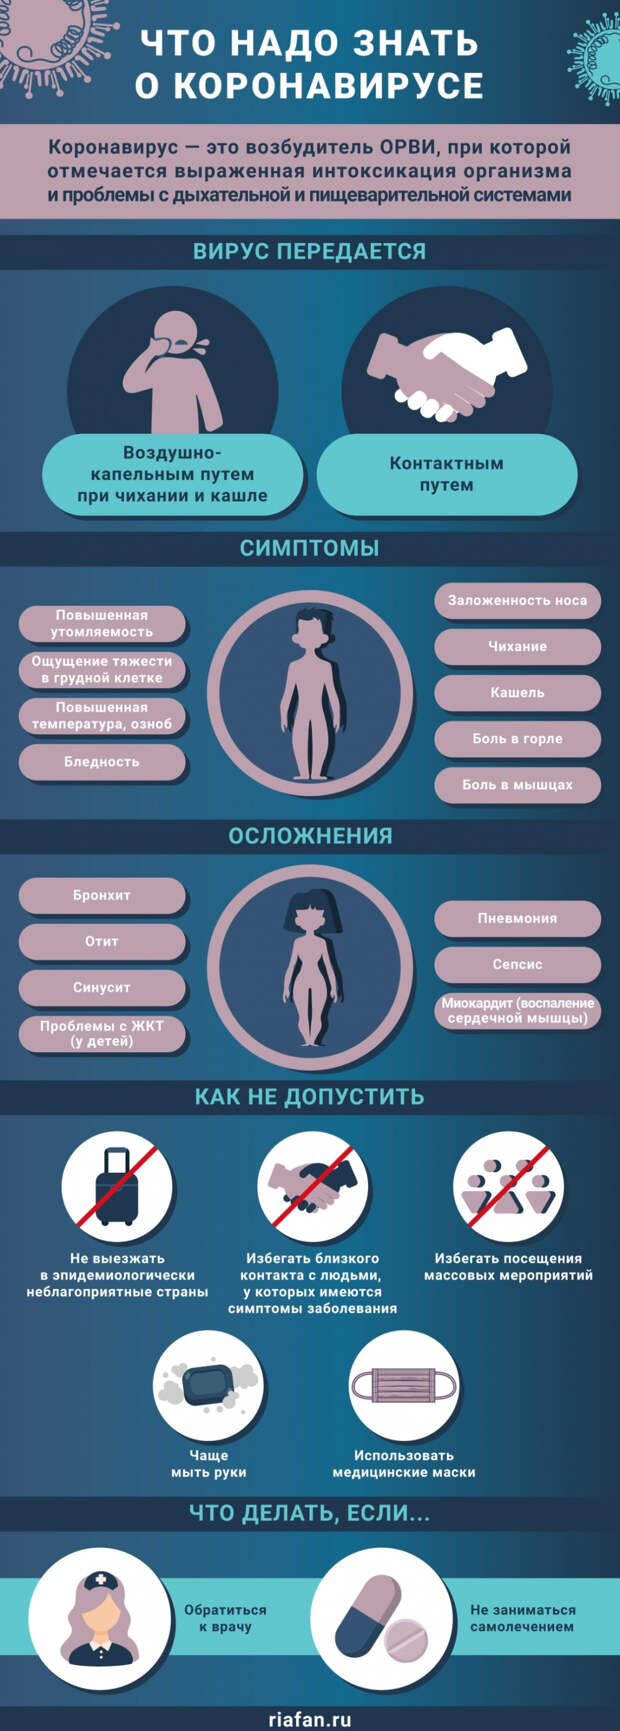 Скворцова рассказала о семи прототипах вакцины против коронавируса